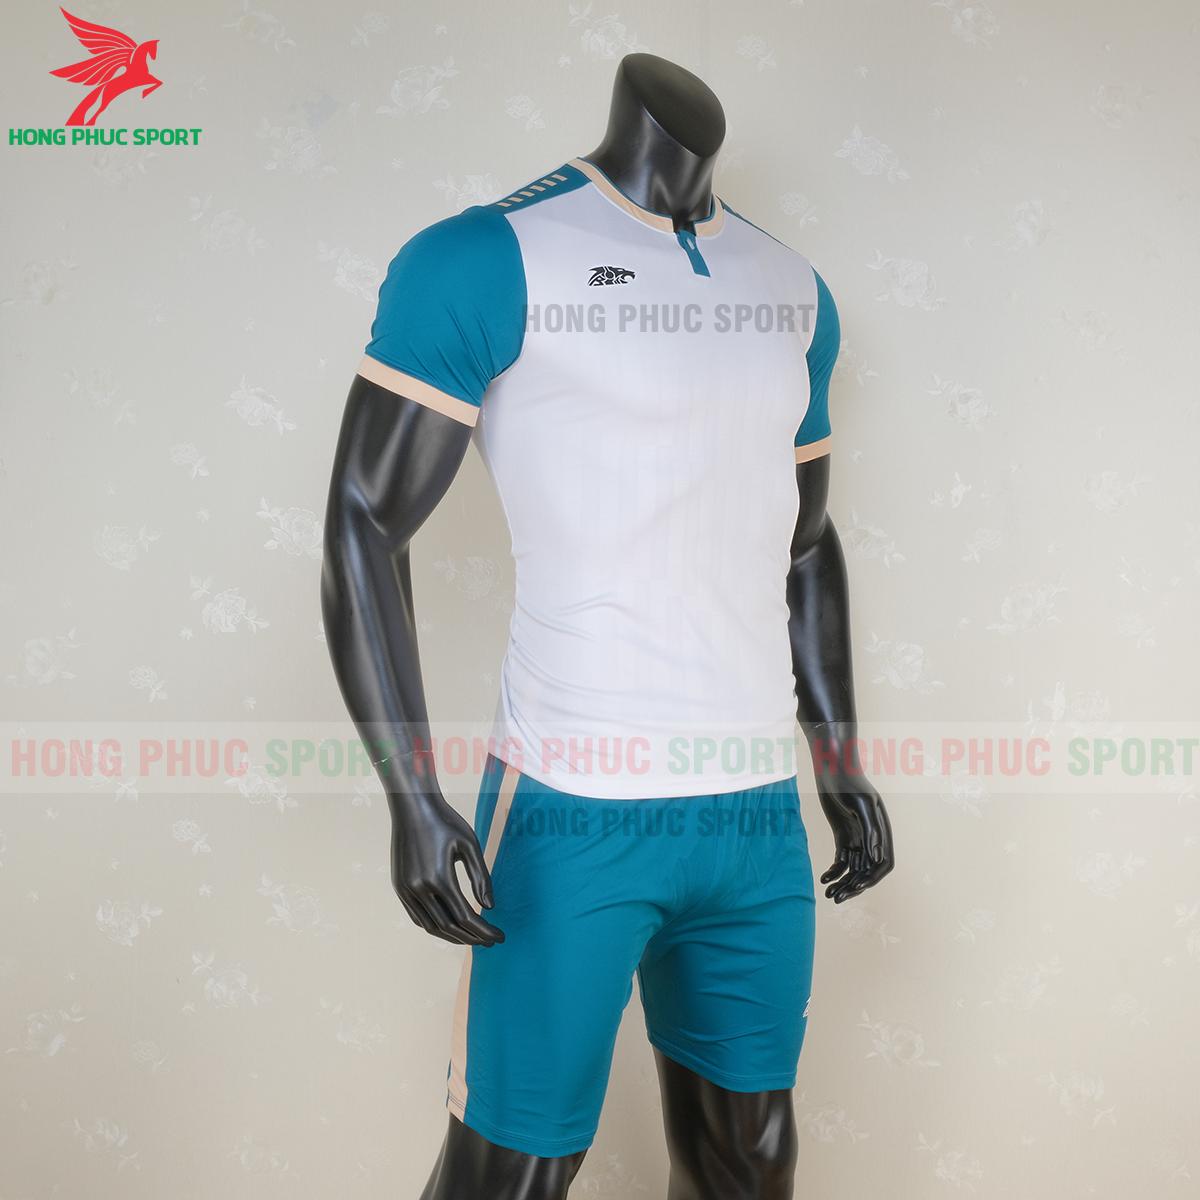 https://cdn.hongphucsport.com/unsafe/s4.shopbay.vn/files/285/ao-bong-da-khong-logo-riki-neck-mau-trang-5f71b117b8c26.png